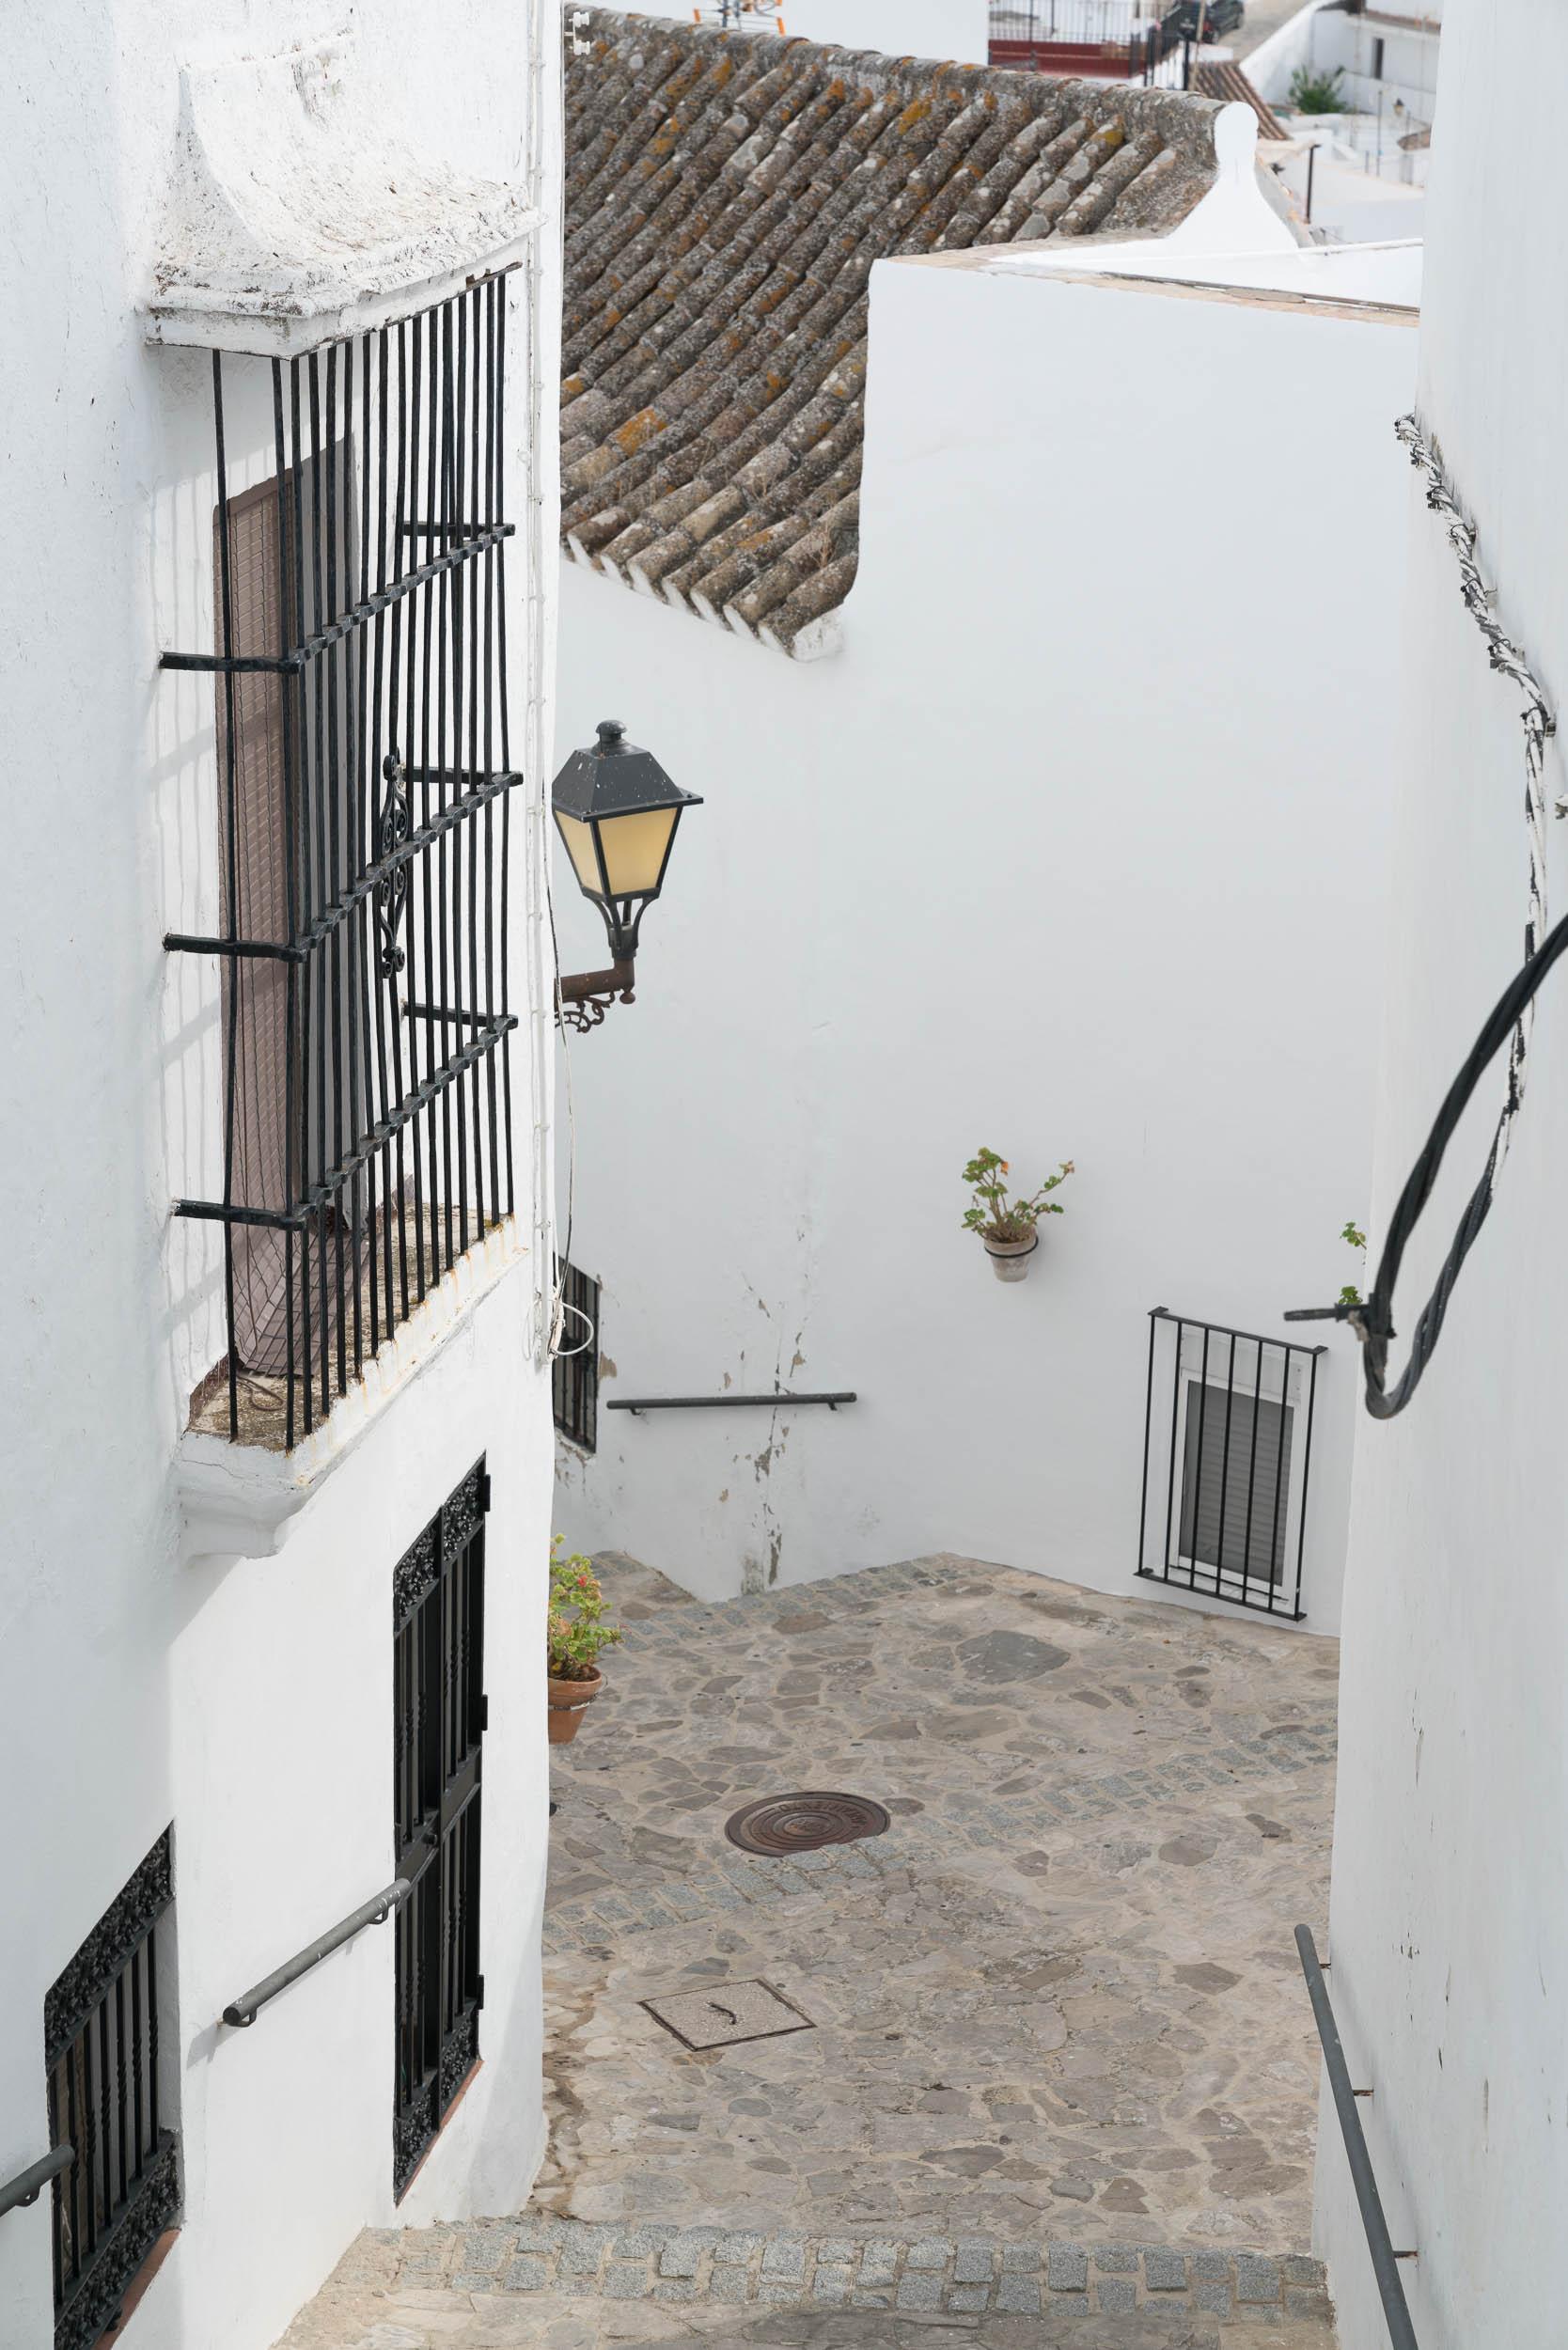 the_getaway_edit_spain_vejer_de_la_frontera-6.jpg